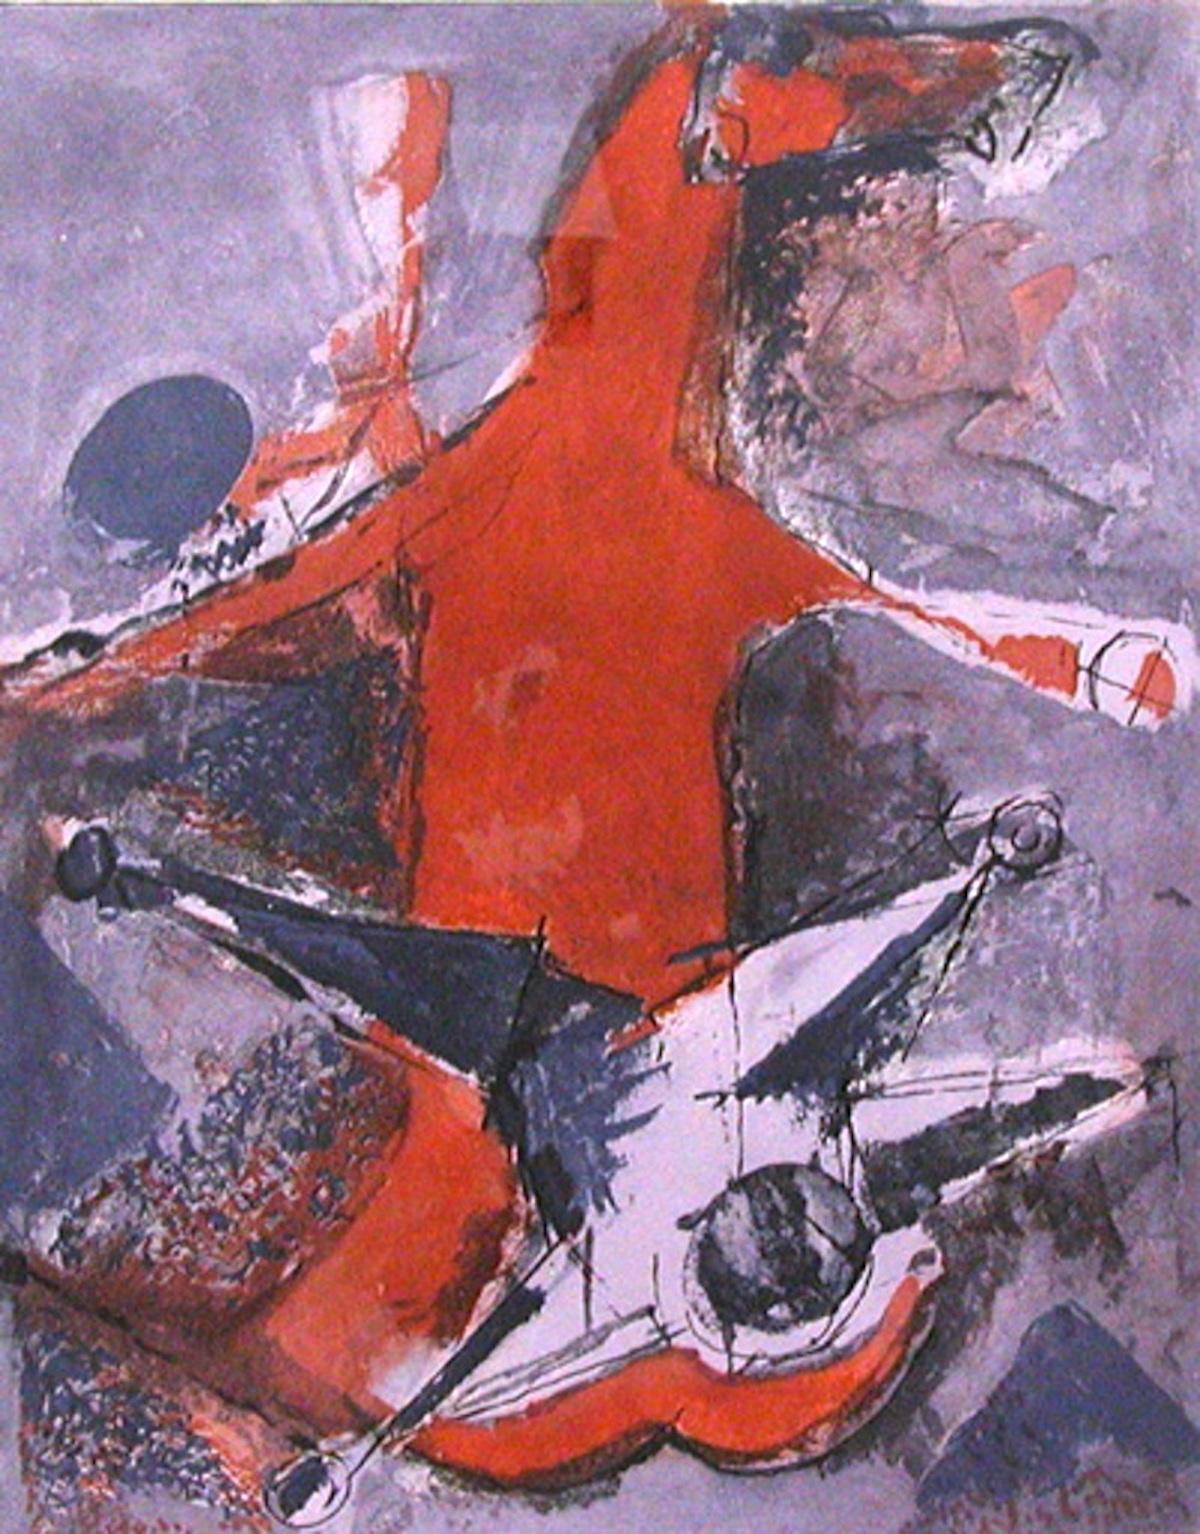 Miracolo (Miracle) - Original Etching and Aquatint by Marino Marini - 1978